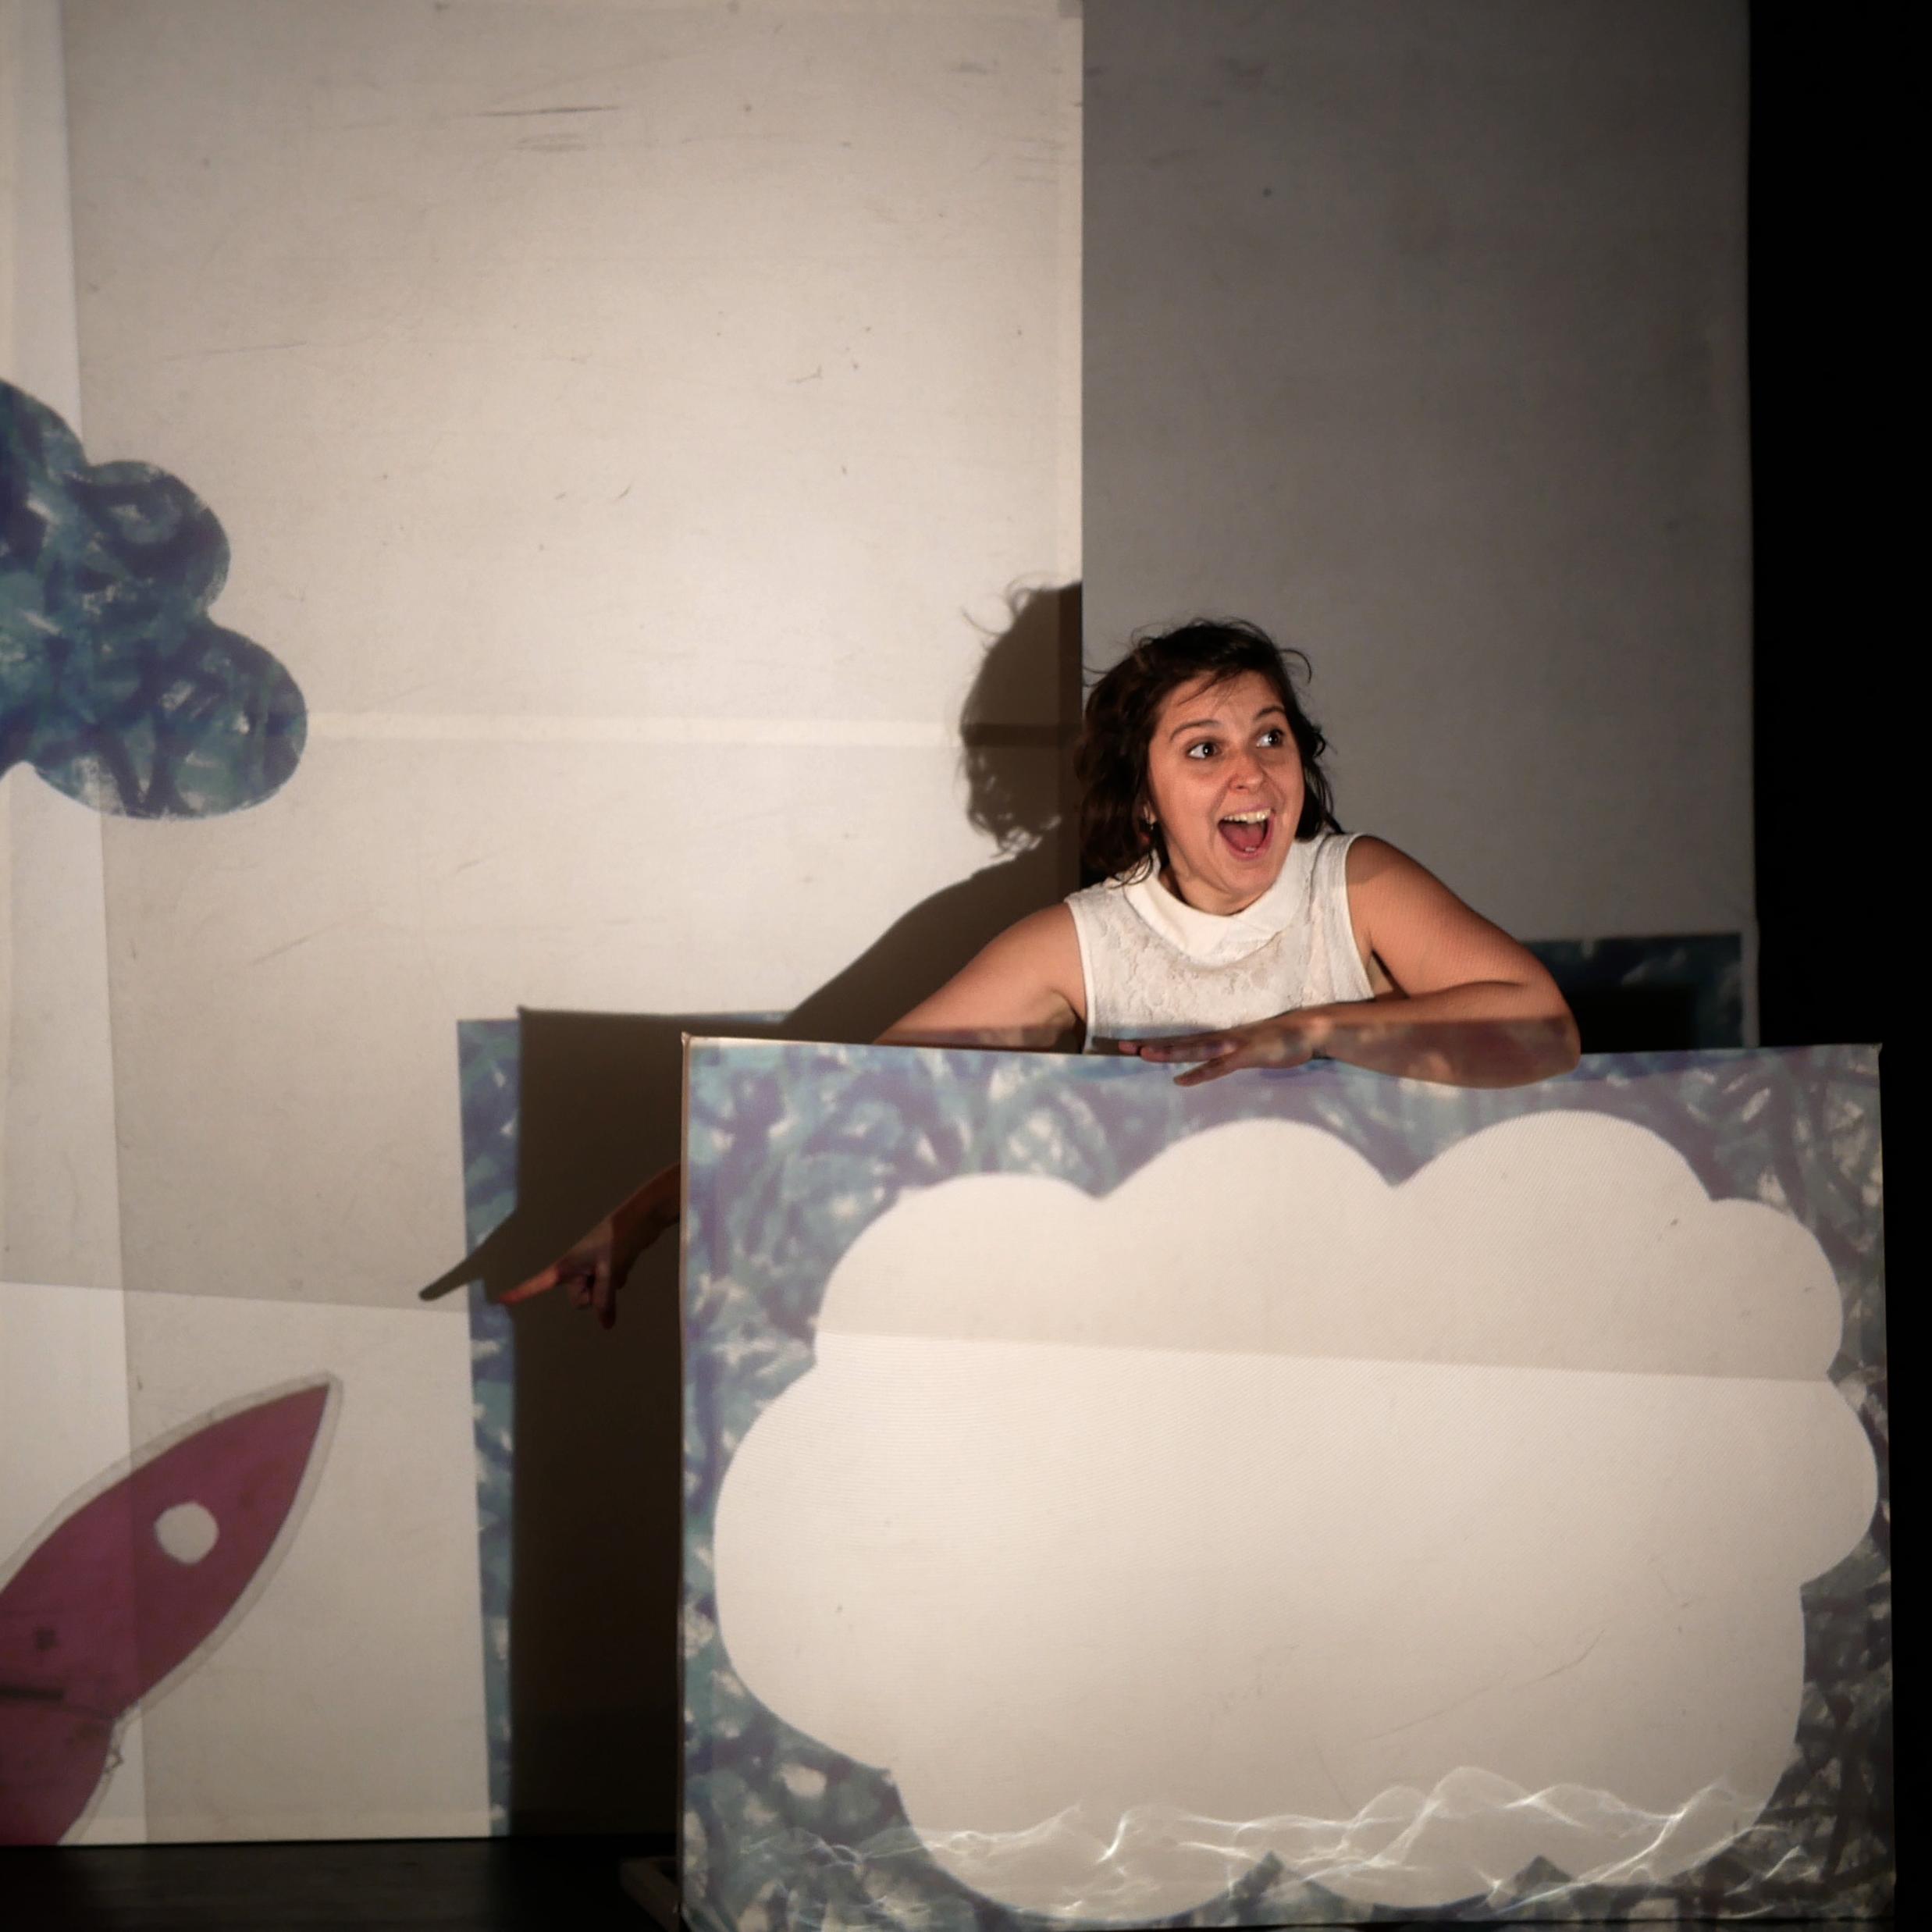 Chloé part à la quête de Popi dans un décor projeté et mouvant. Un prétexte pour rêver, s'émerveiller et découvrir jusqu'où peut nous mener l'imaginaire d'un poisson rouge.